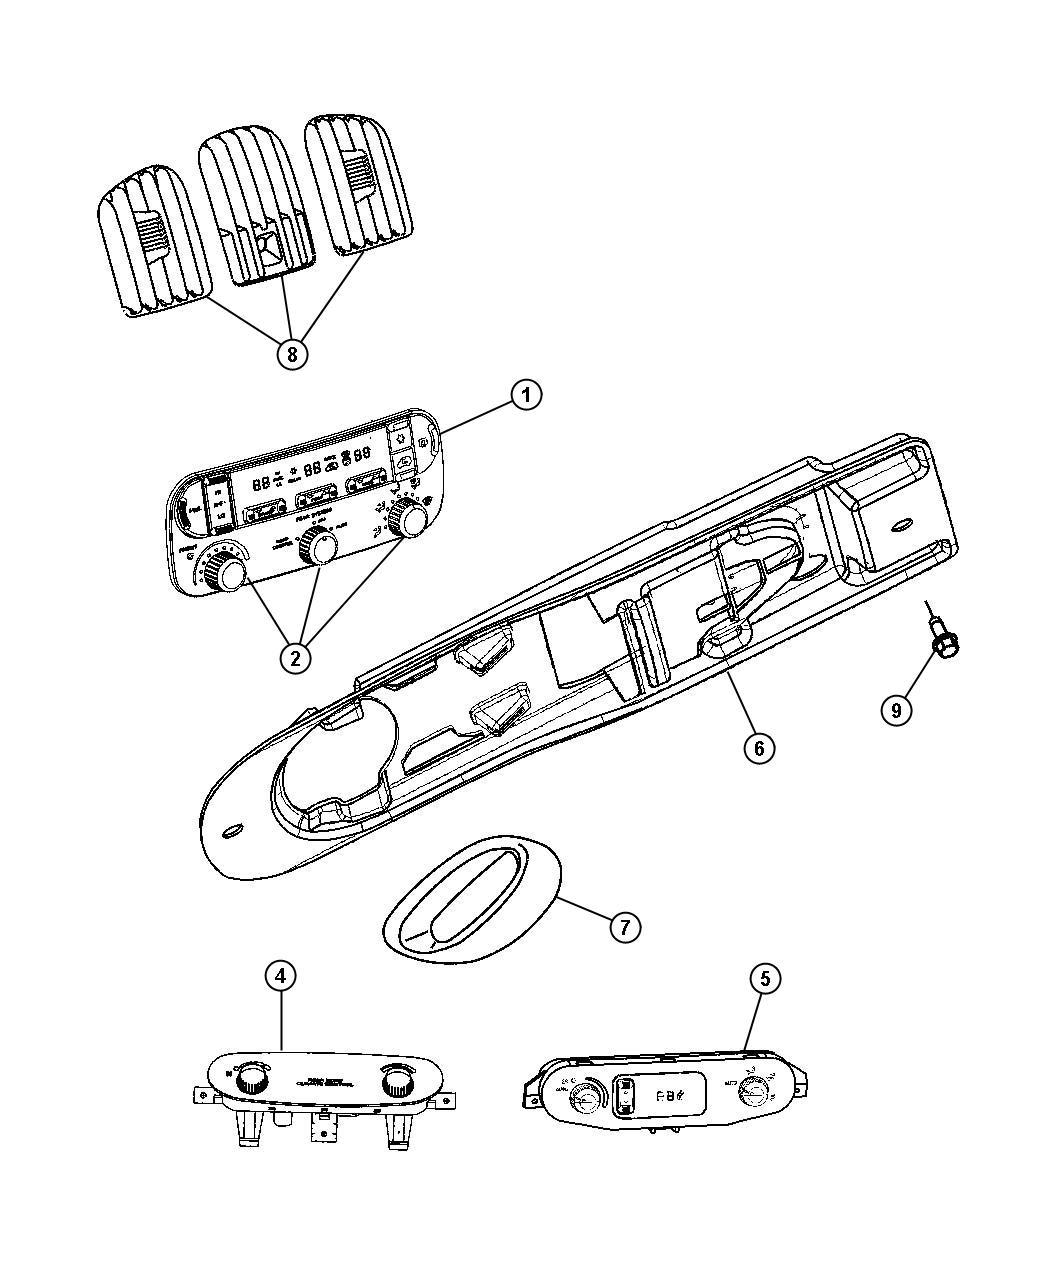 Dodge Grand Caravan Controls A C And Heater